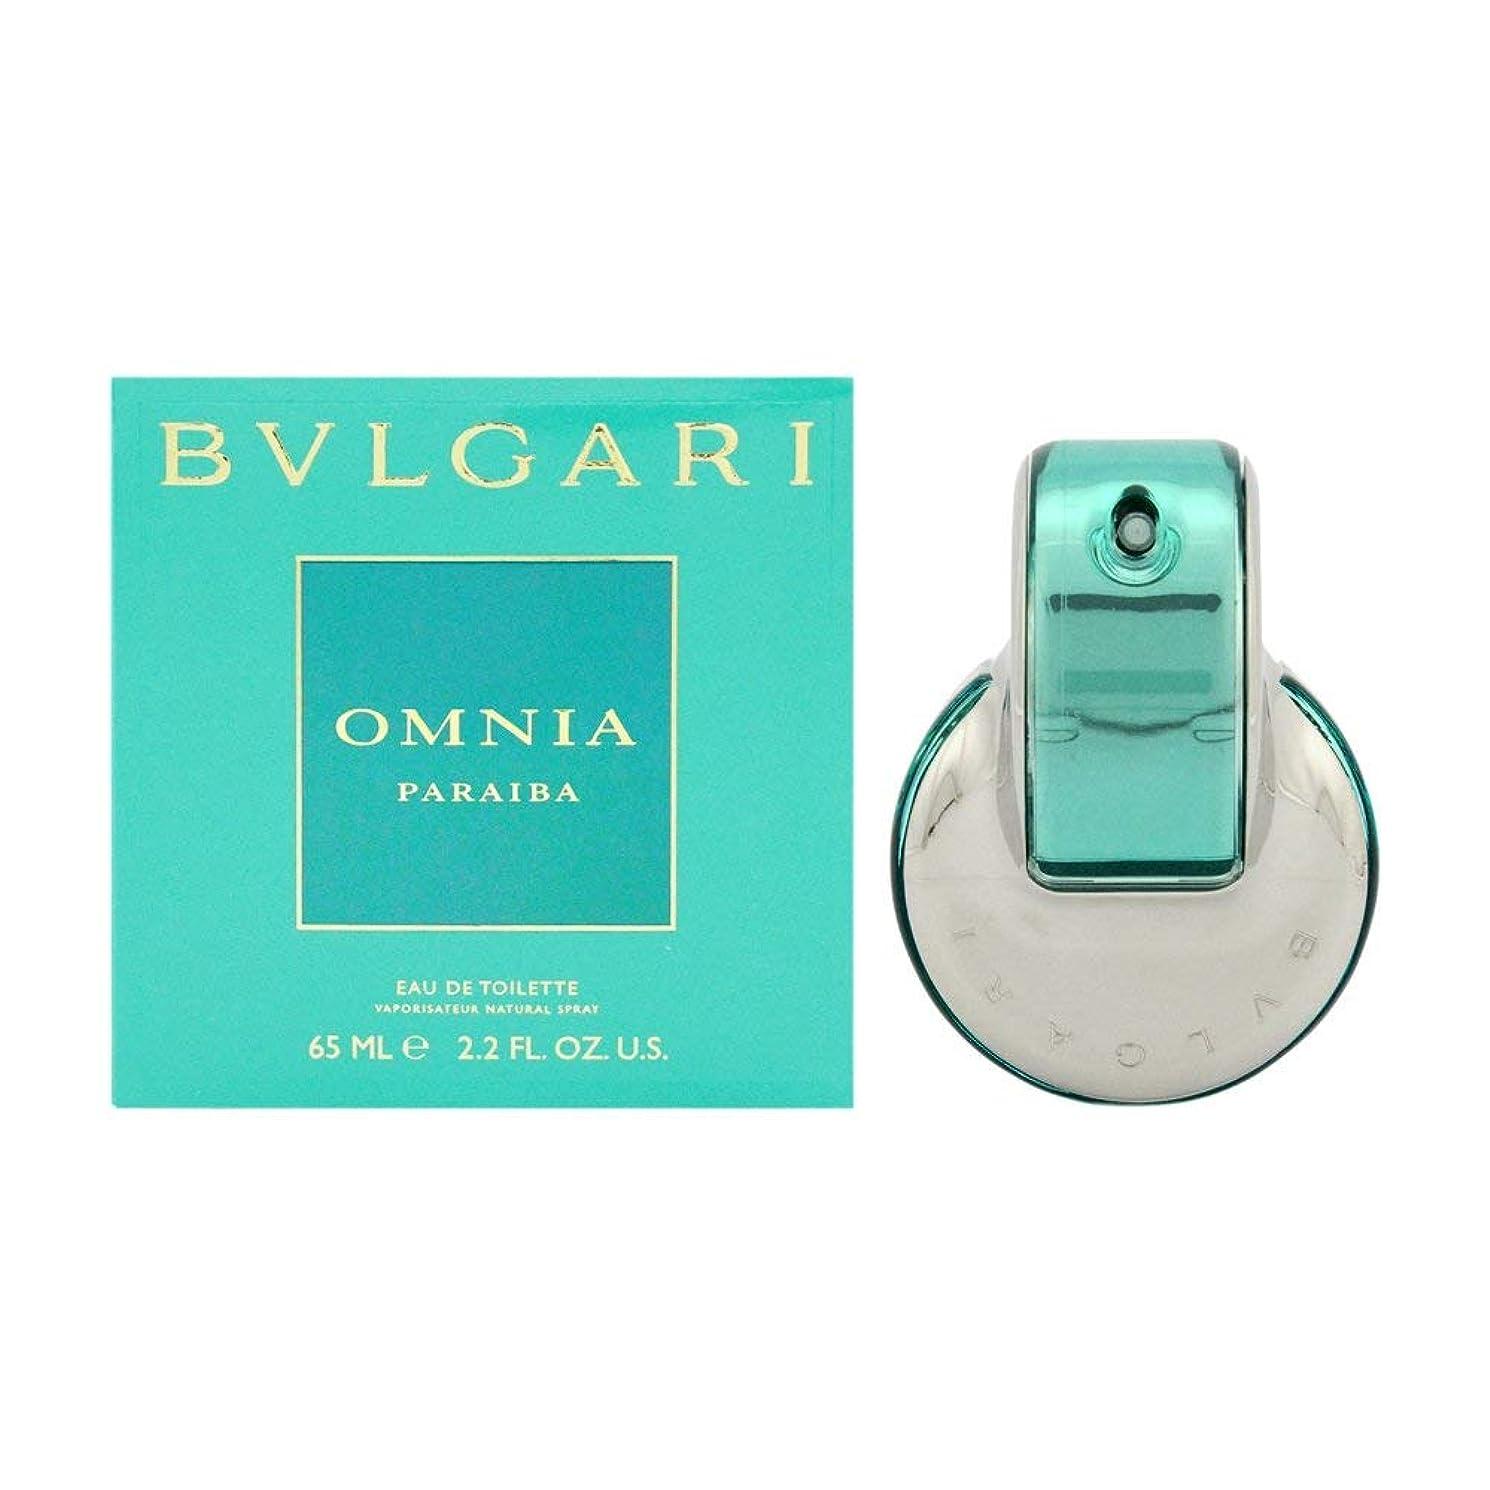 混乱した驚きつばBVLGARI ブルガリ オムニアパライバ 65ml EDT レディース 香水 [並行輸入品]